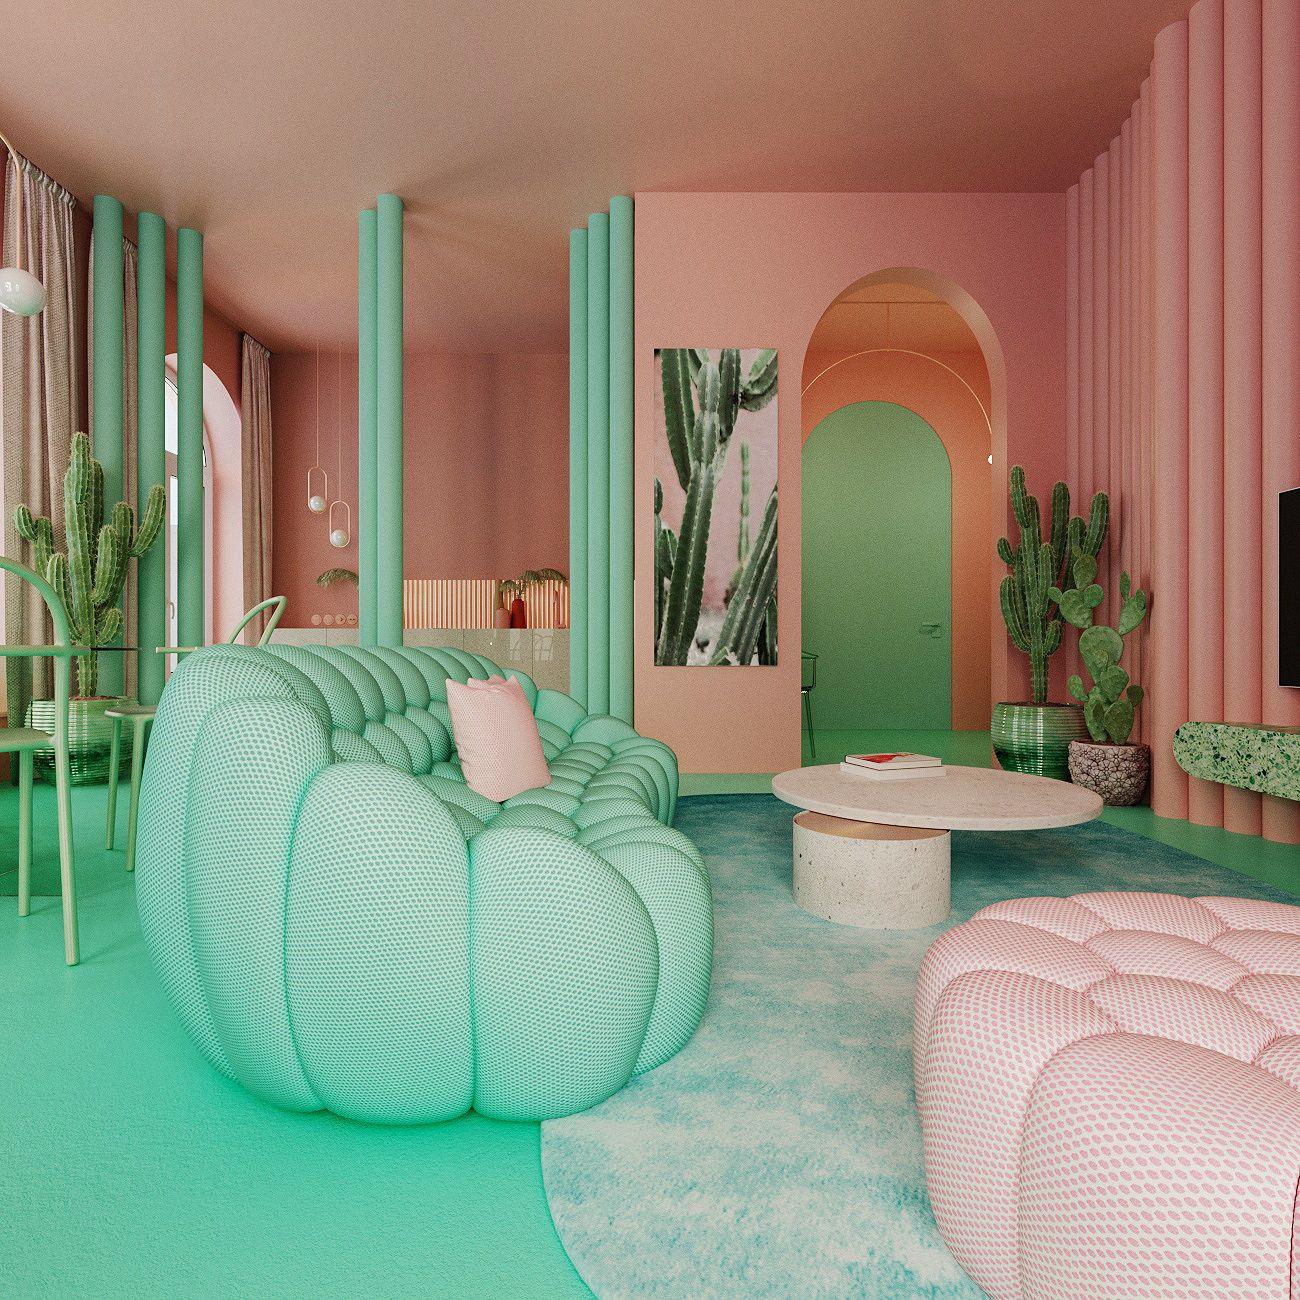 Un apartamento rosa y turquesa Decoración con efecto